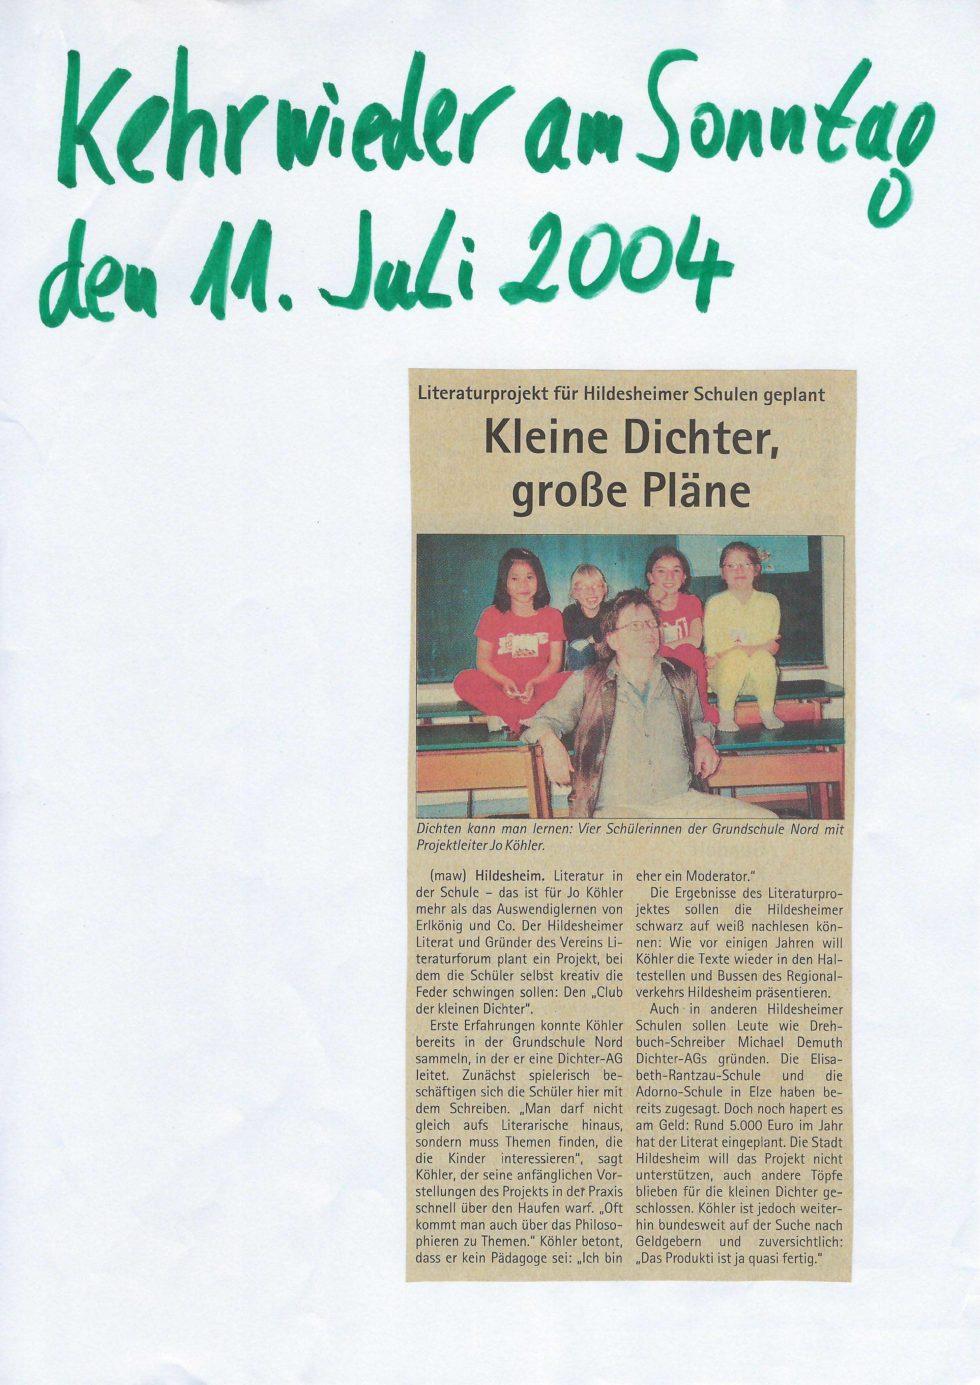 Schulprojekt2004_05 Kehrwieder